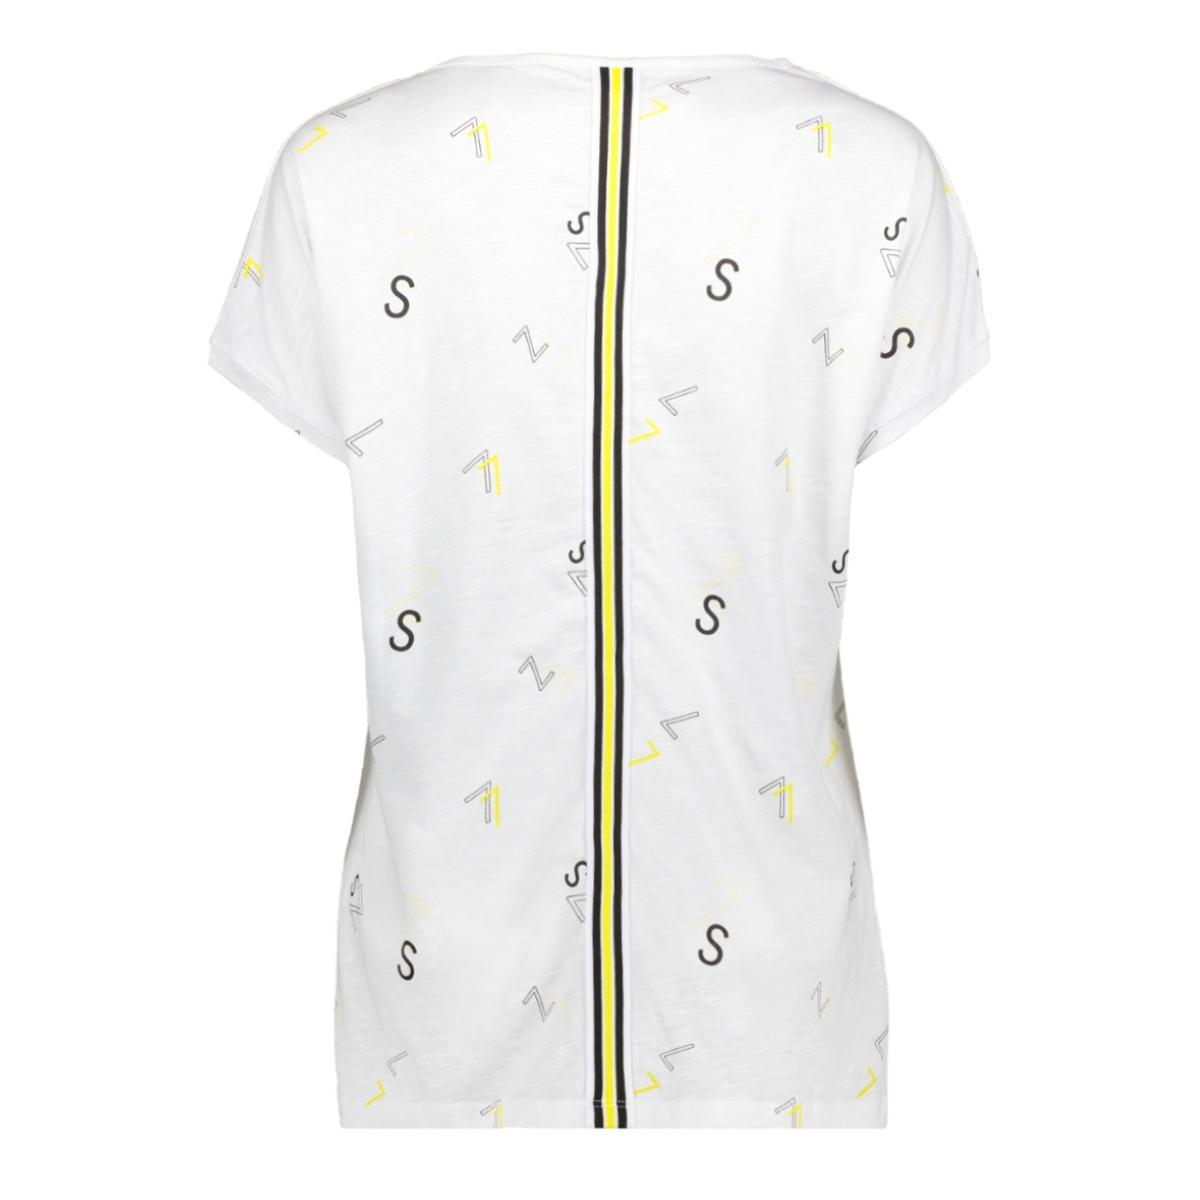 skai t shirt with print 193 zoso t-shirt white/yellow